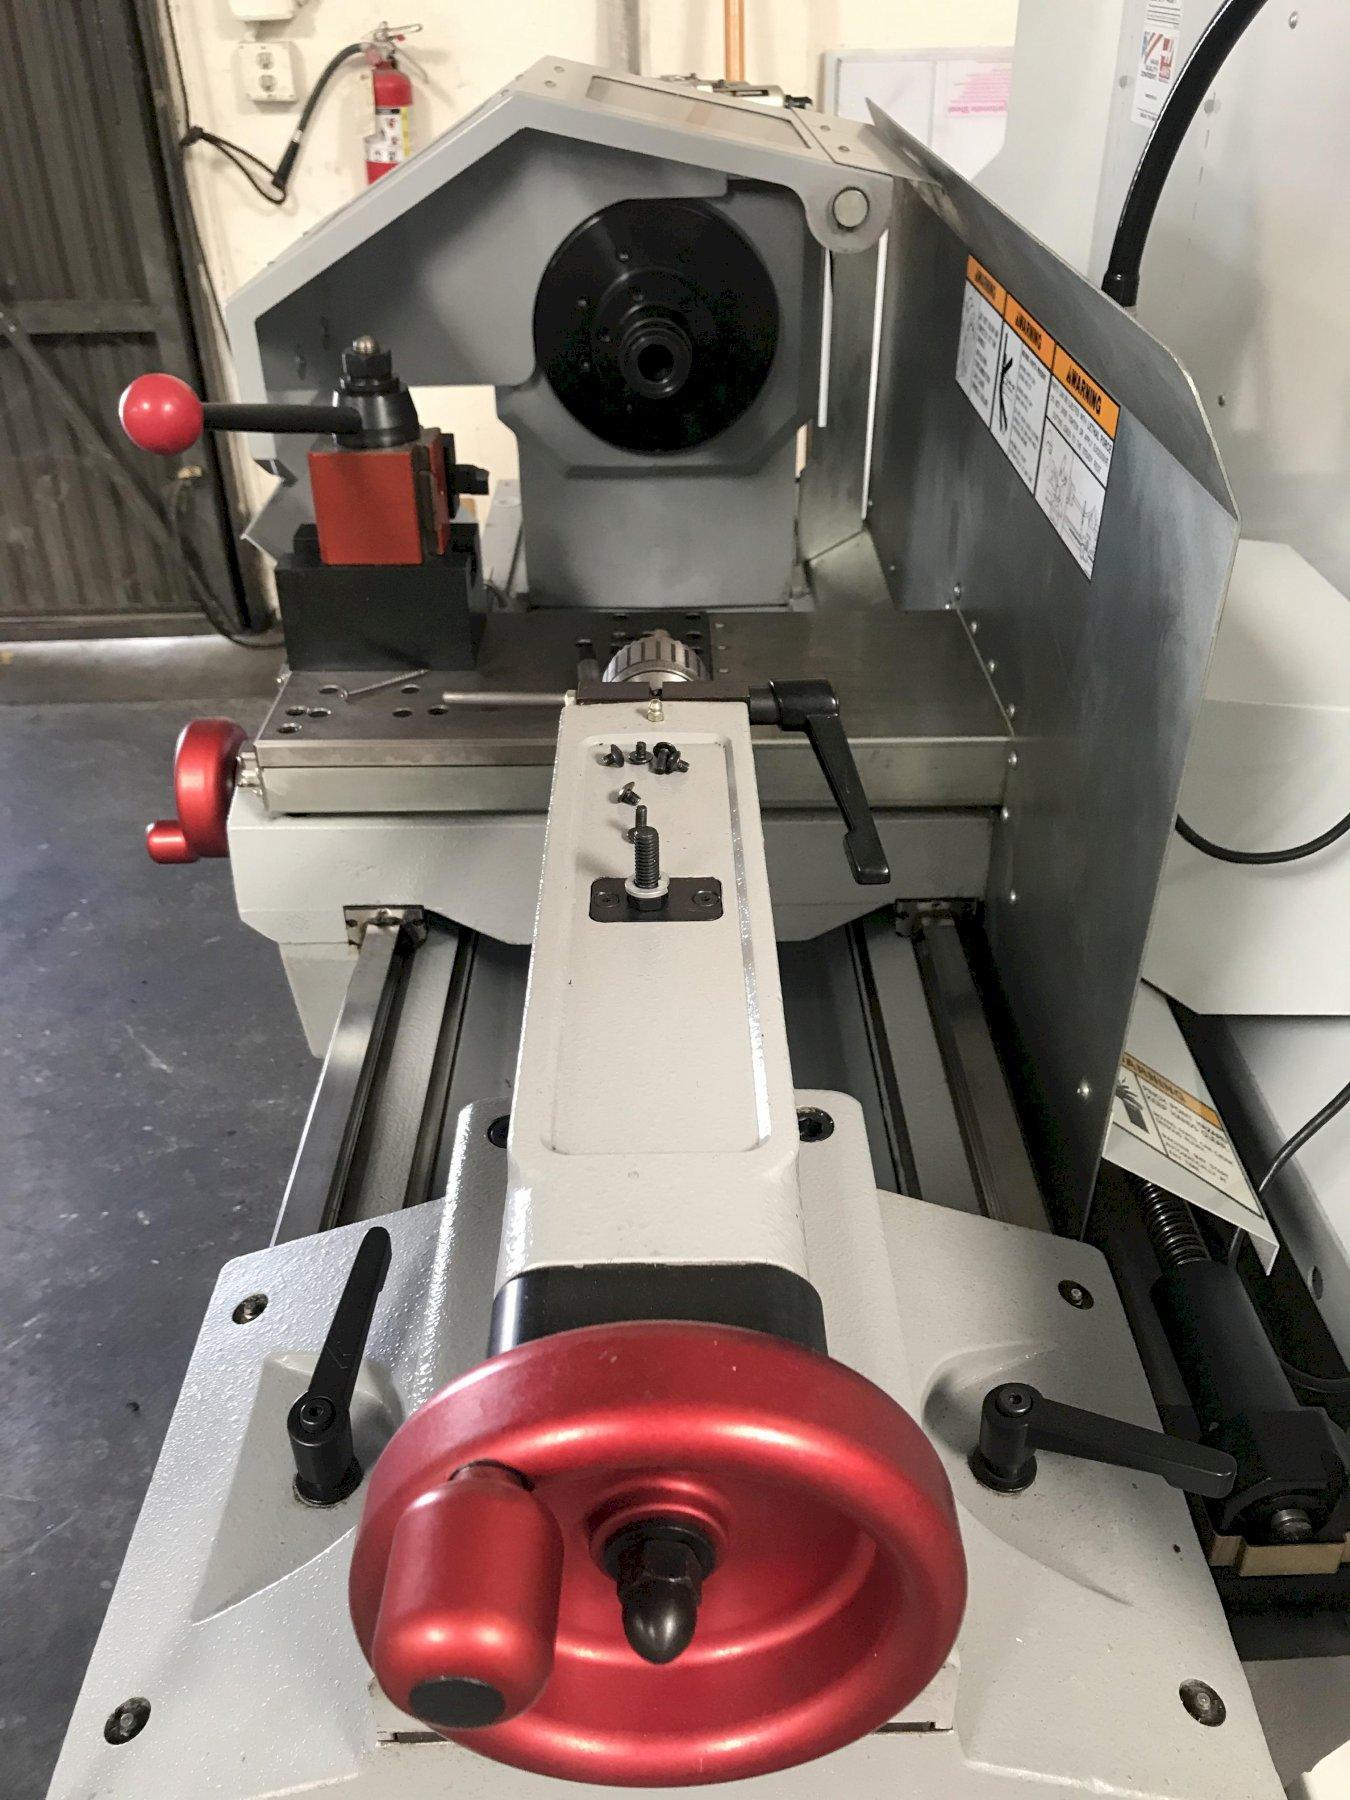 Haas TL-1 Horizontal Toolroom Lathe 2005, Splashguard, Tailstock, Tool Post, and Work Light.